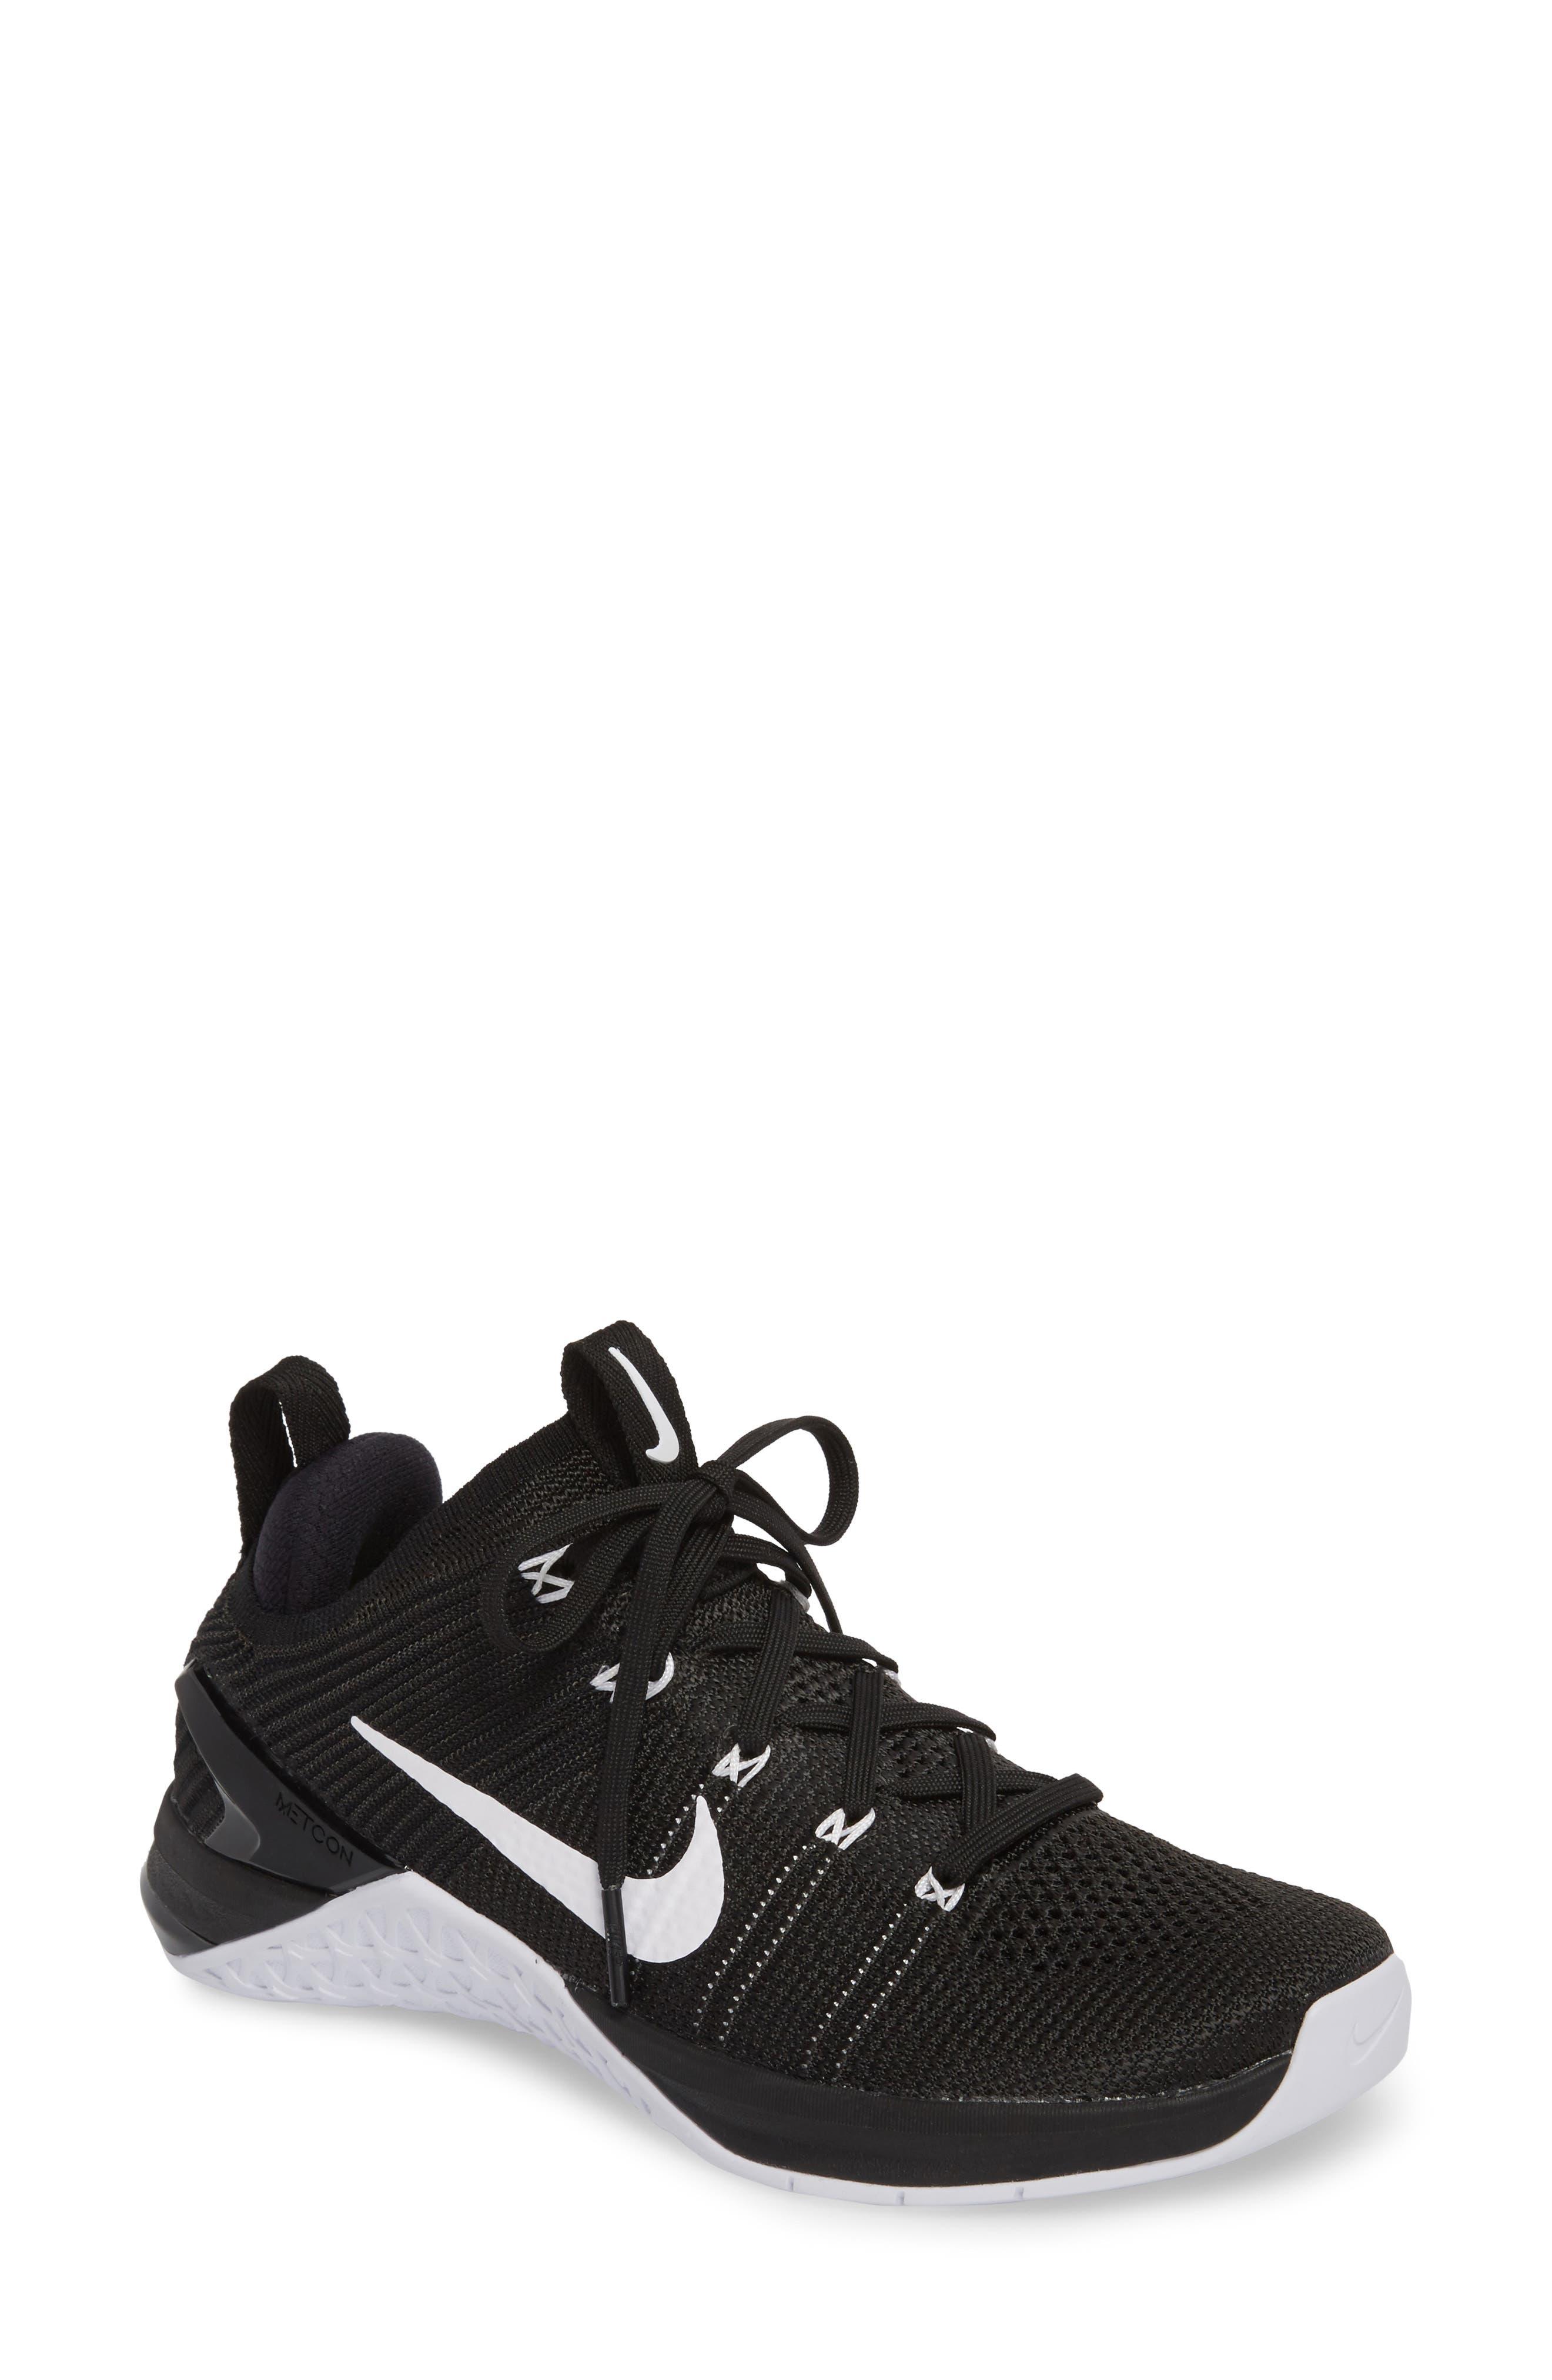 4028d946a00 ... nike metcon dsx flyknit 2 training shoe (women)